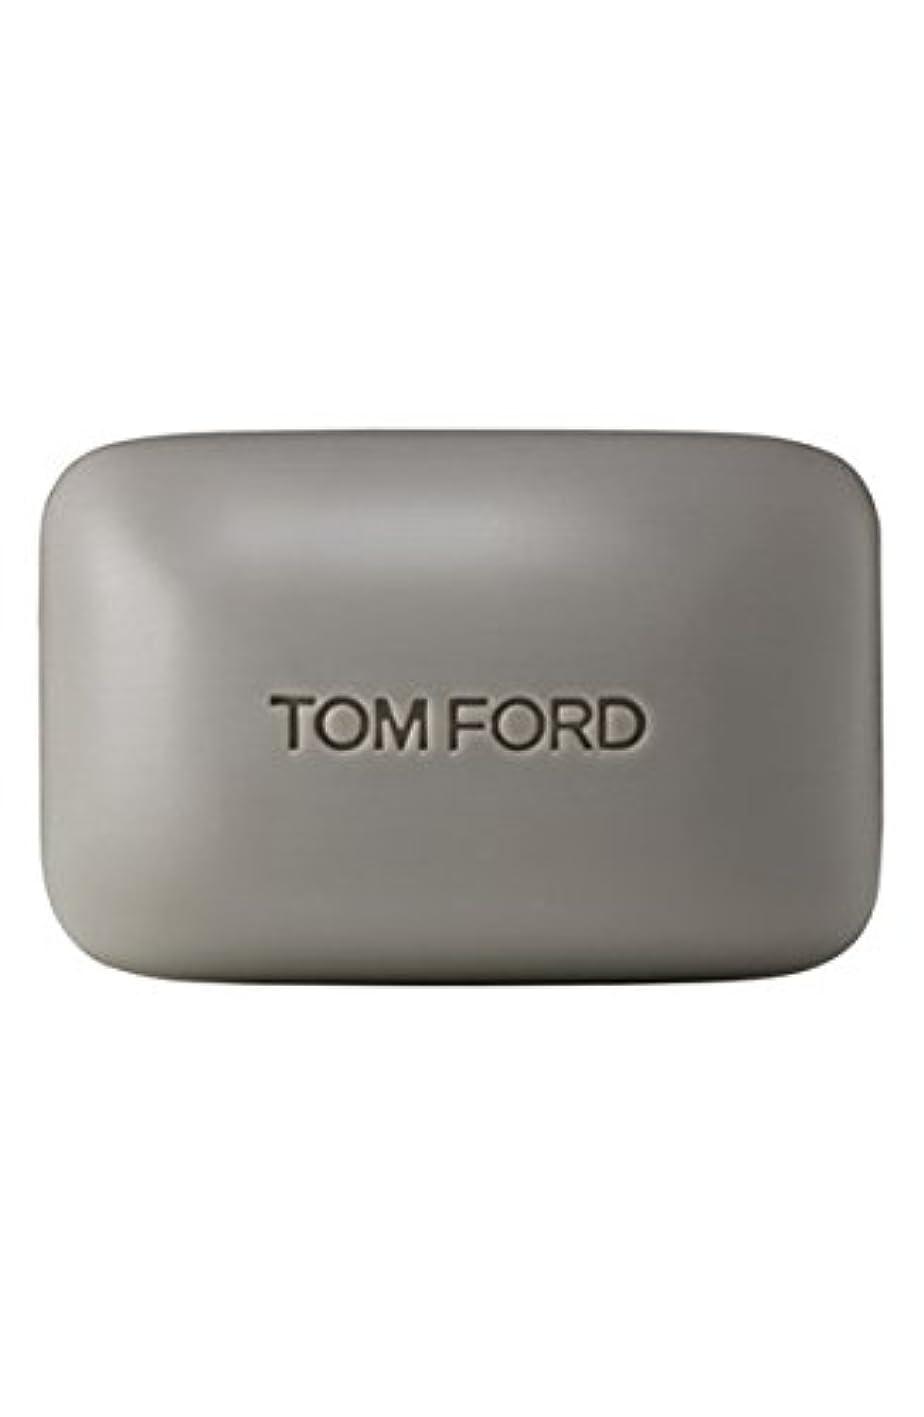 アジャ瞳アークTom Ford Private Blend 'Oud Wood' (トムフォード プライベートブレンド オードウッド) 5.5 oz (165ml) Bar Soap (固形石鹸)